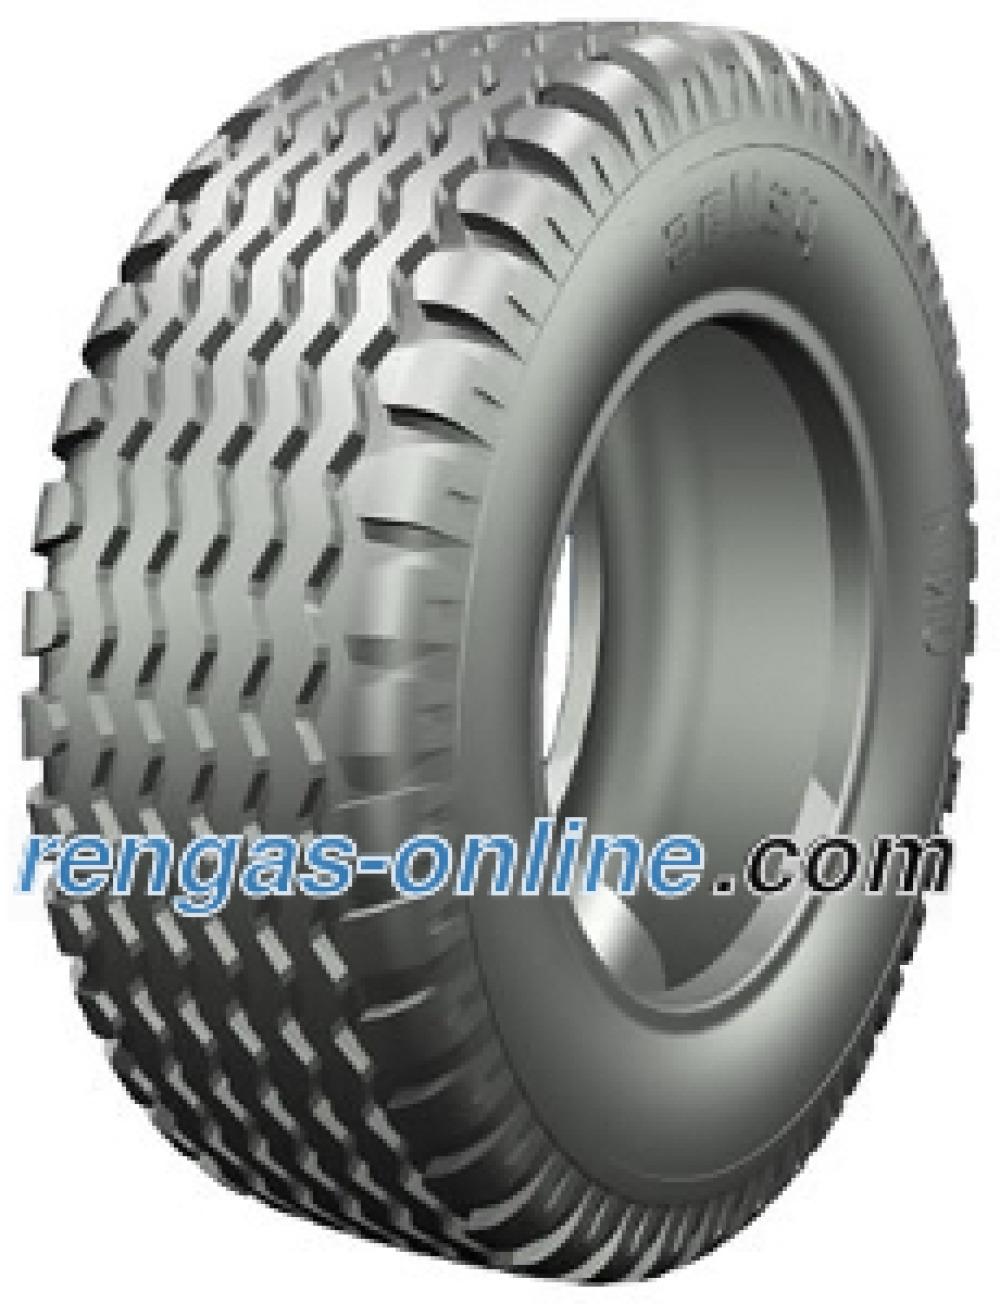 petlas-un-1-750-16-116a6-10pr-tt